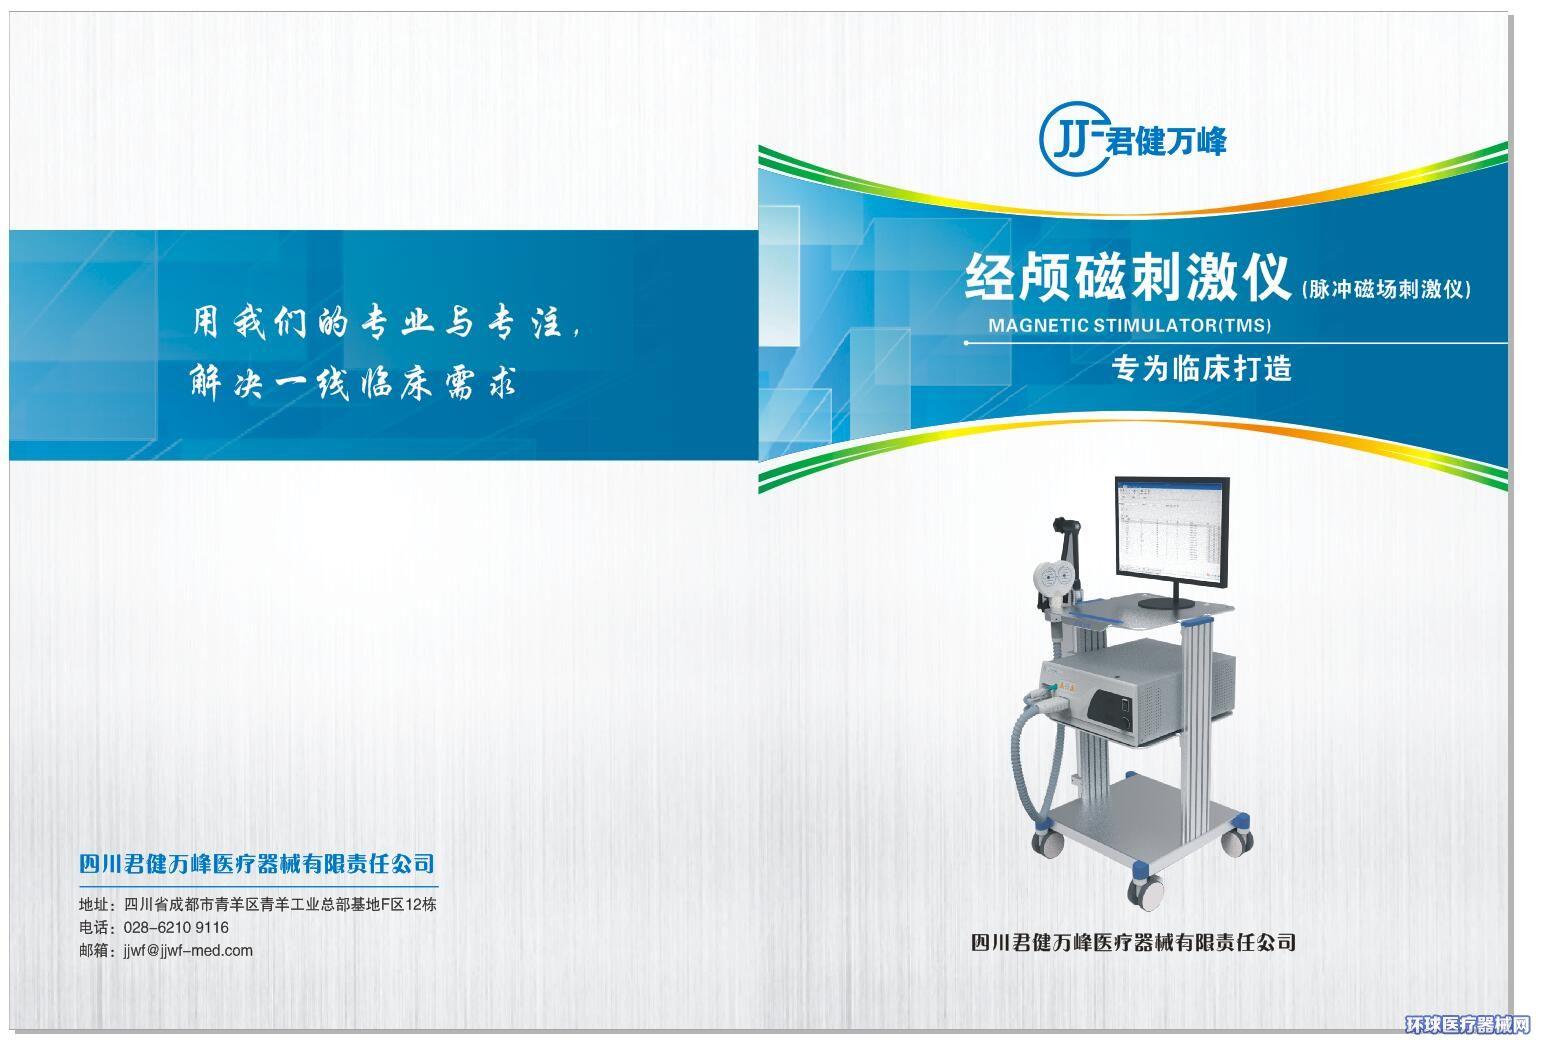 脉冲磁场刺激仪(经颅磁)